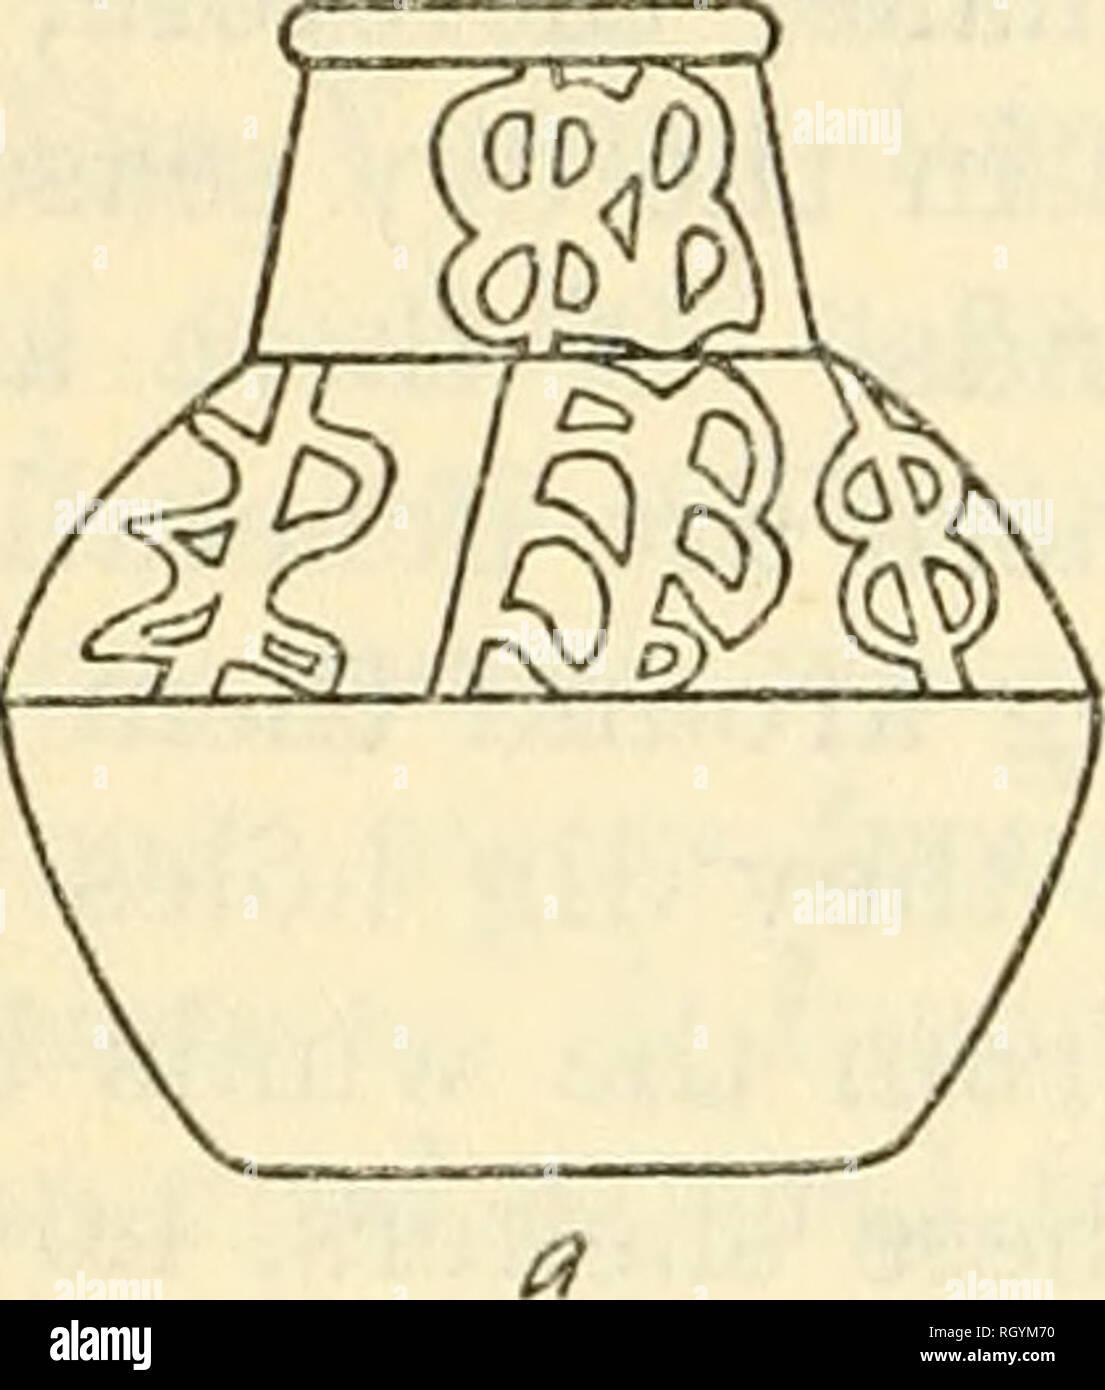 """. Bulletin. Ethnologie. 212 BÜRO DER AMERIKANISCHEN ETHNOLOGIE [Bdll. 123 der gleiche Ton liefert die Rote und gelbe Ocker für Gesichts Malerei verwendet. Der Ton ist gehärtet, mit der Rinde des Mecla Baum namens """"Toiin"""" in Yaruro. Diese Rinde ist verbrannt zu einem aschegehalt und die Asche wird geknetet, in den Ton, der gut angefeuchtet wurde. Rollen dieser Ton werden dann gemacht, gerollter und setzte man auf eine andere. Sie werden dann abgeflacht und von Hand oder^ Vith geglättet Hilfe ein Stück Schale, Wasser großzügig angewendet werden. Der Ton liegt auf einem Teller Keramik, die bei Bedarf gedreht wird. Nach Stockfoto"""